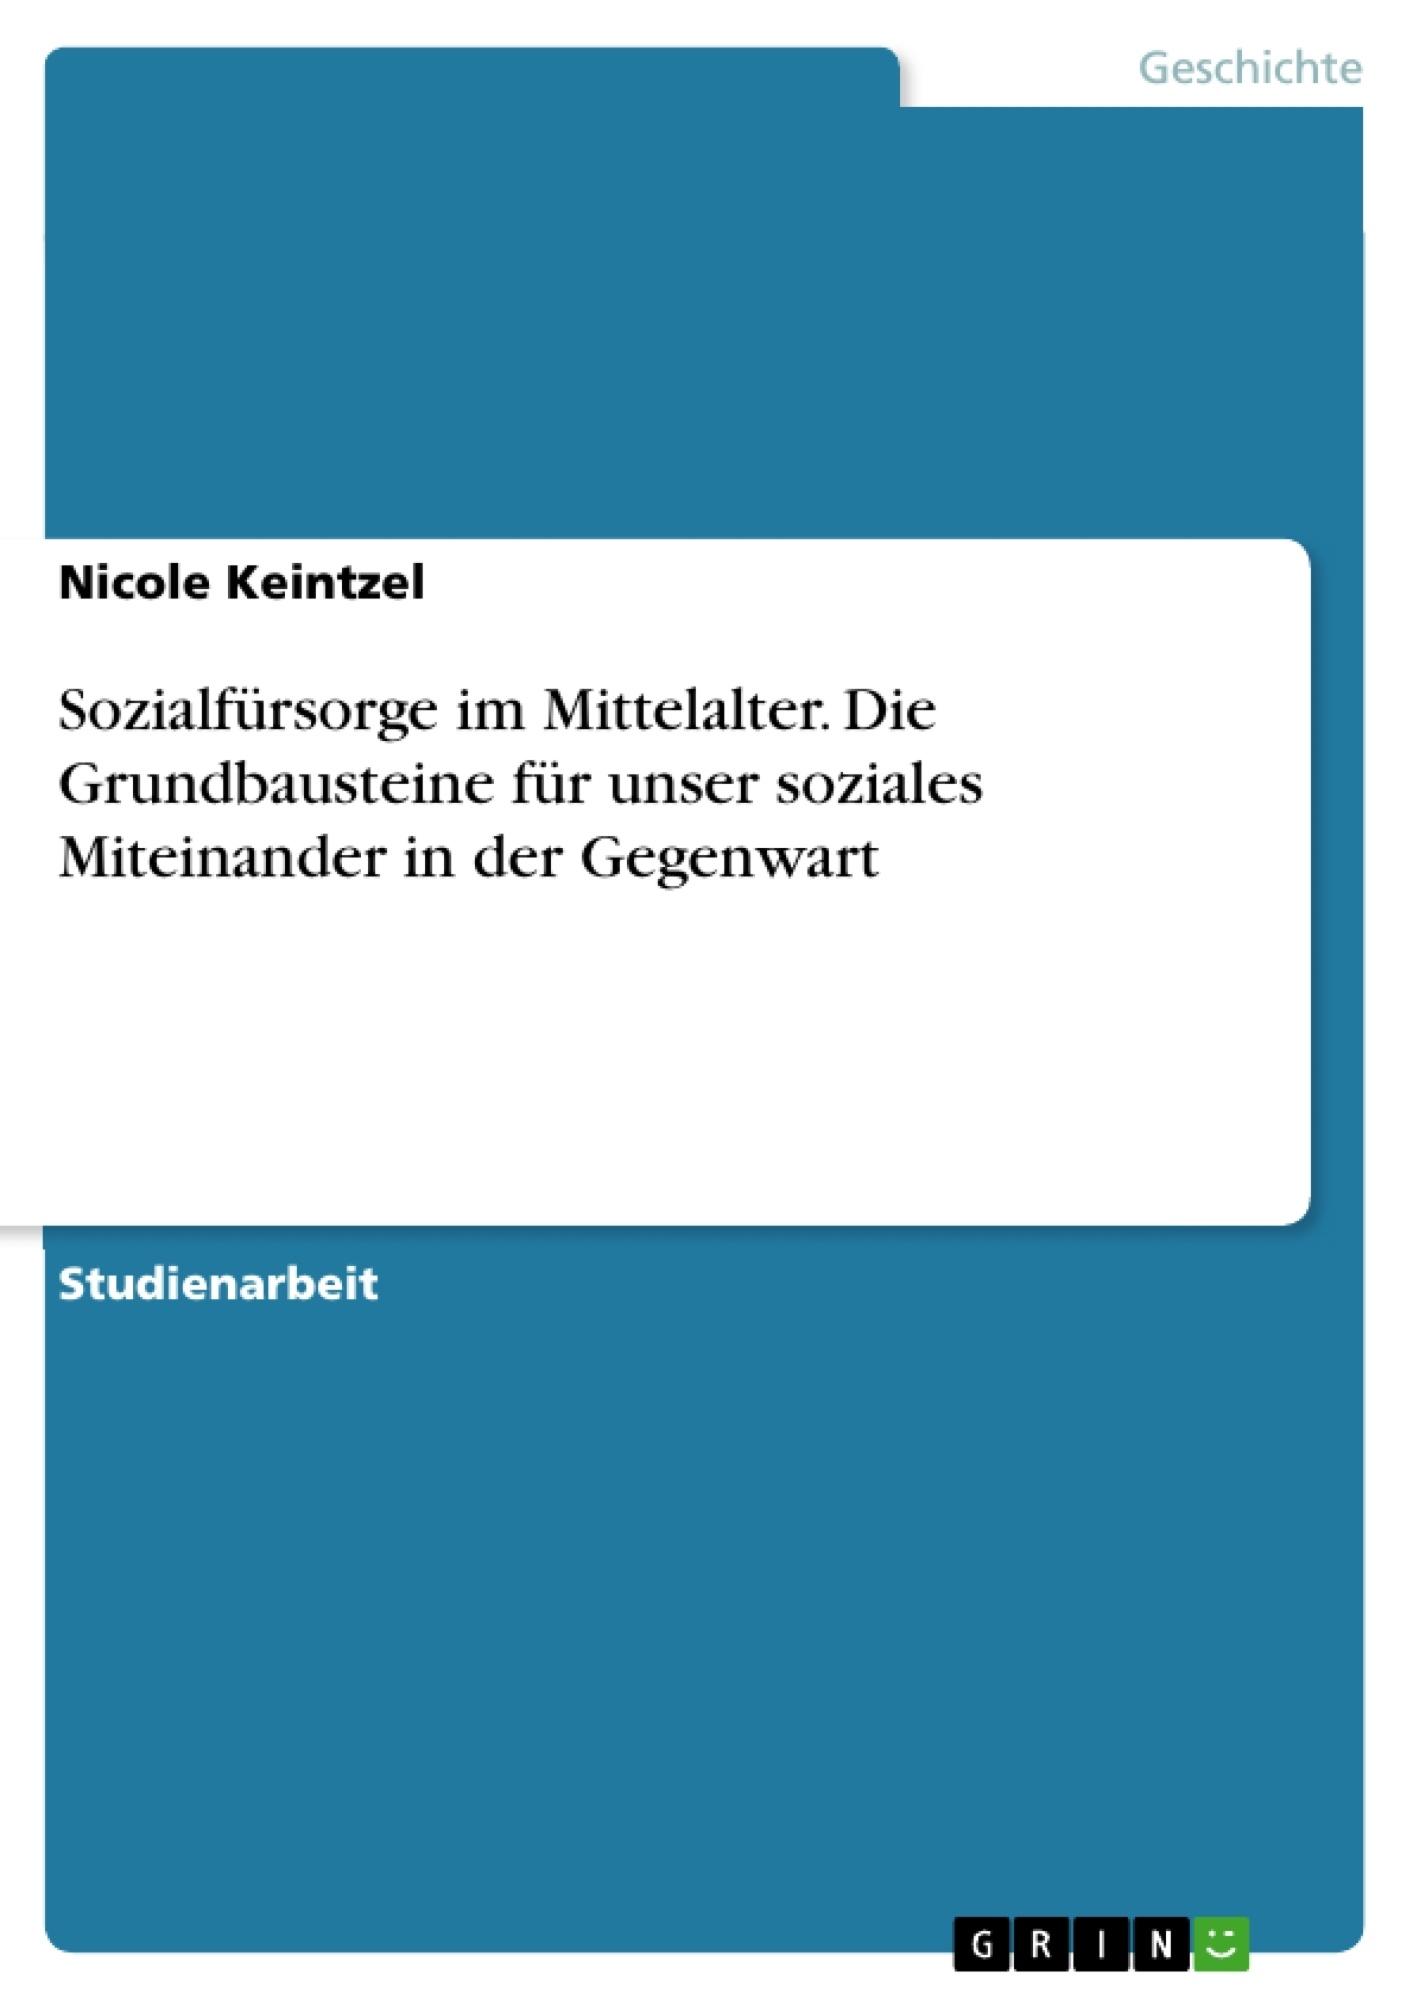 Titel: Sozialfürsorge im Mittelalter. Die Grundbausteine für unser soziales Miteinander in der Gegenwart